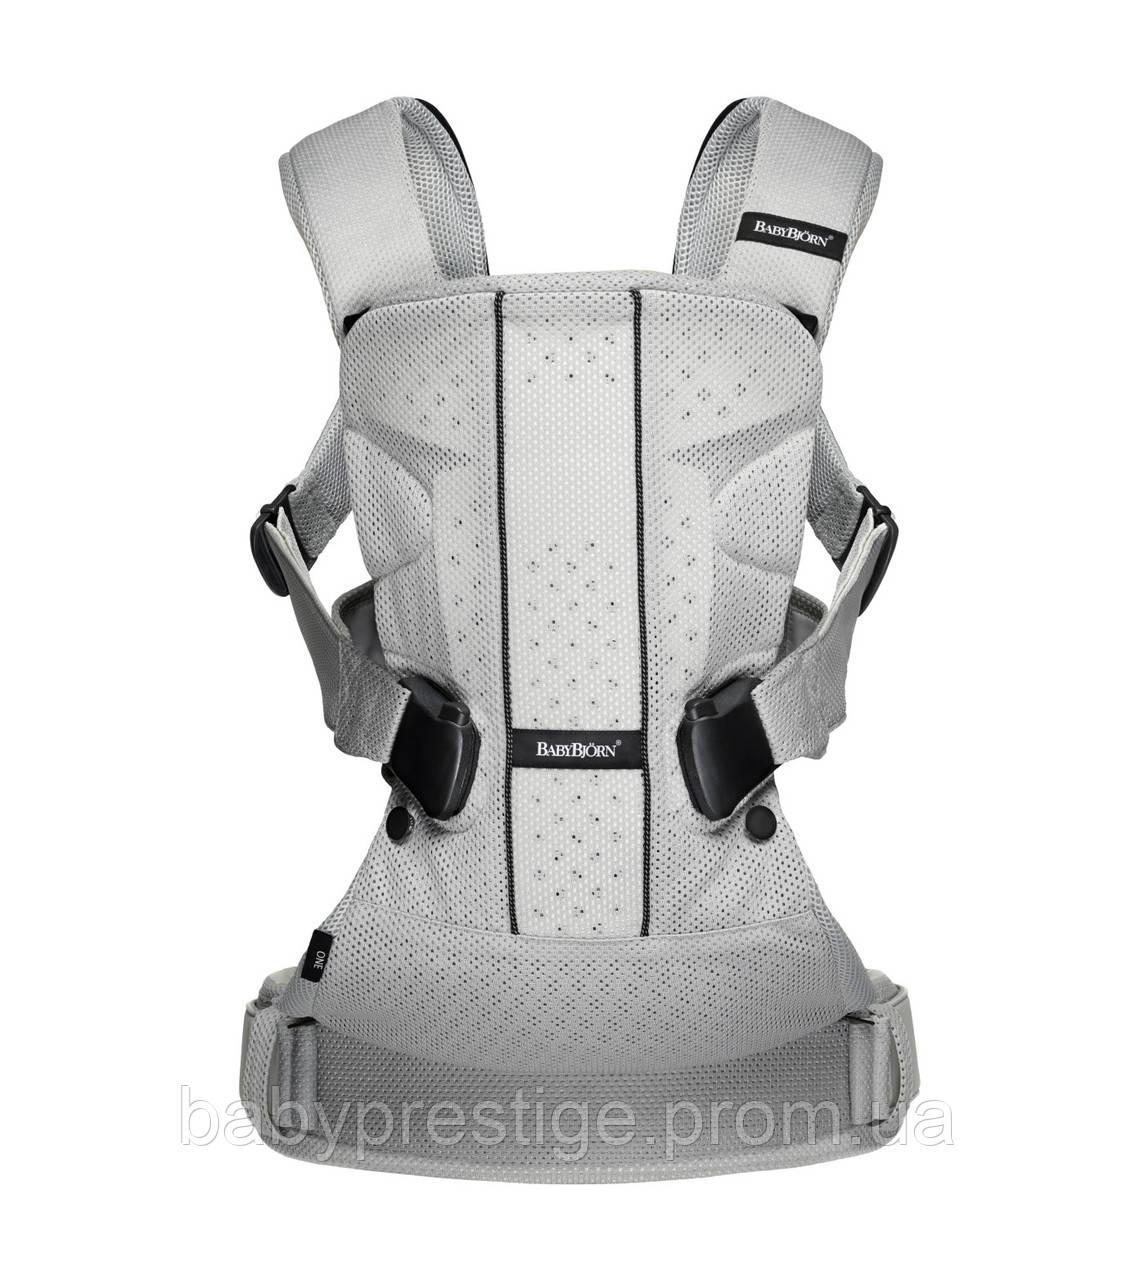 Многофункциональный рюкзак для переноски детей BABYBJORN ONE Air - Silver Mesh